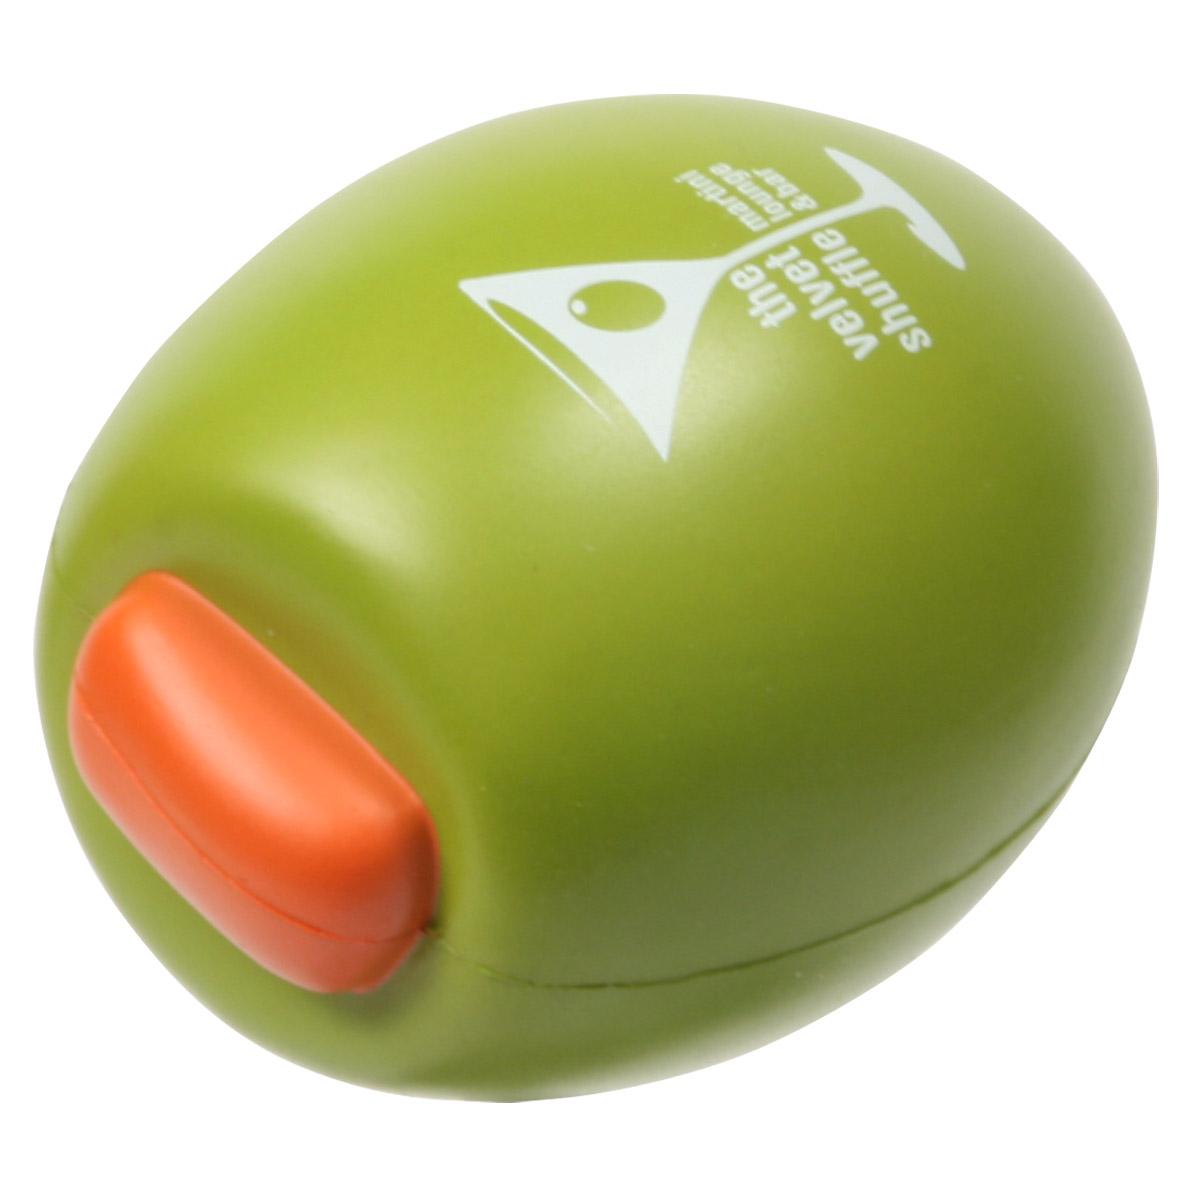 Olive Stress Reliever, LFR-LV08 - 1 Colour Imprint